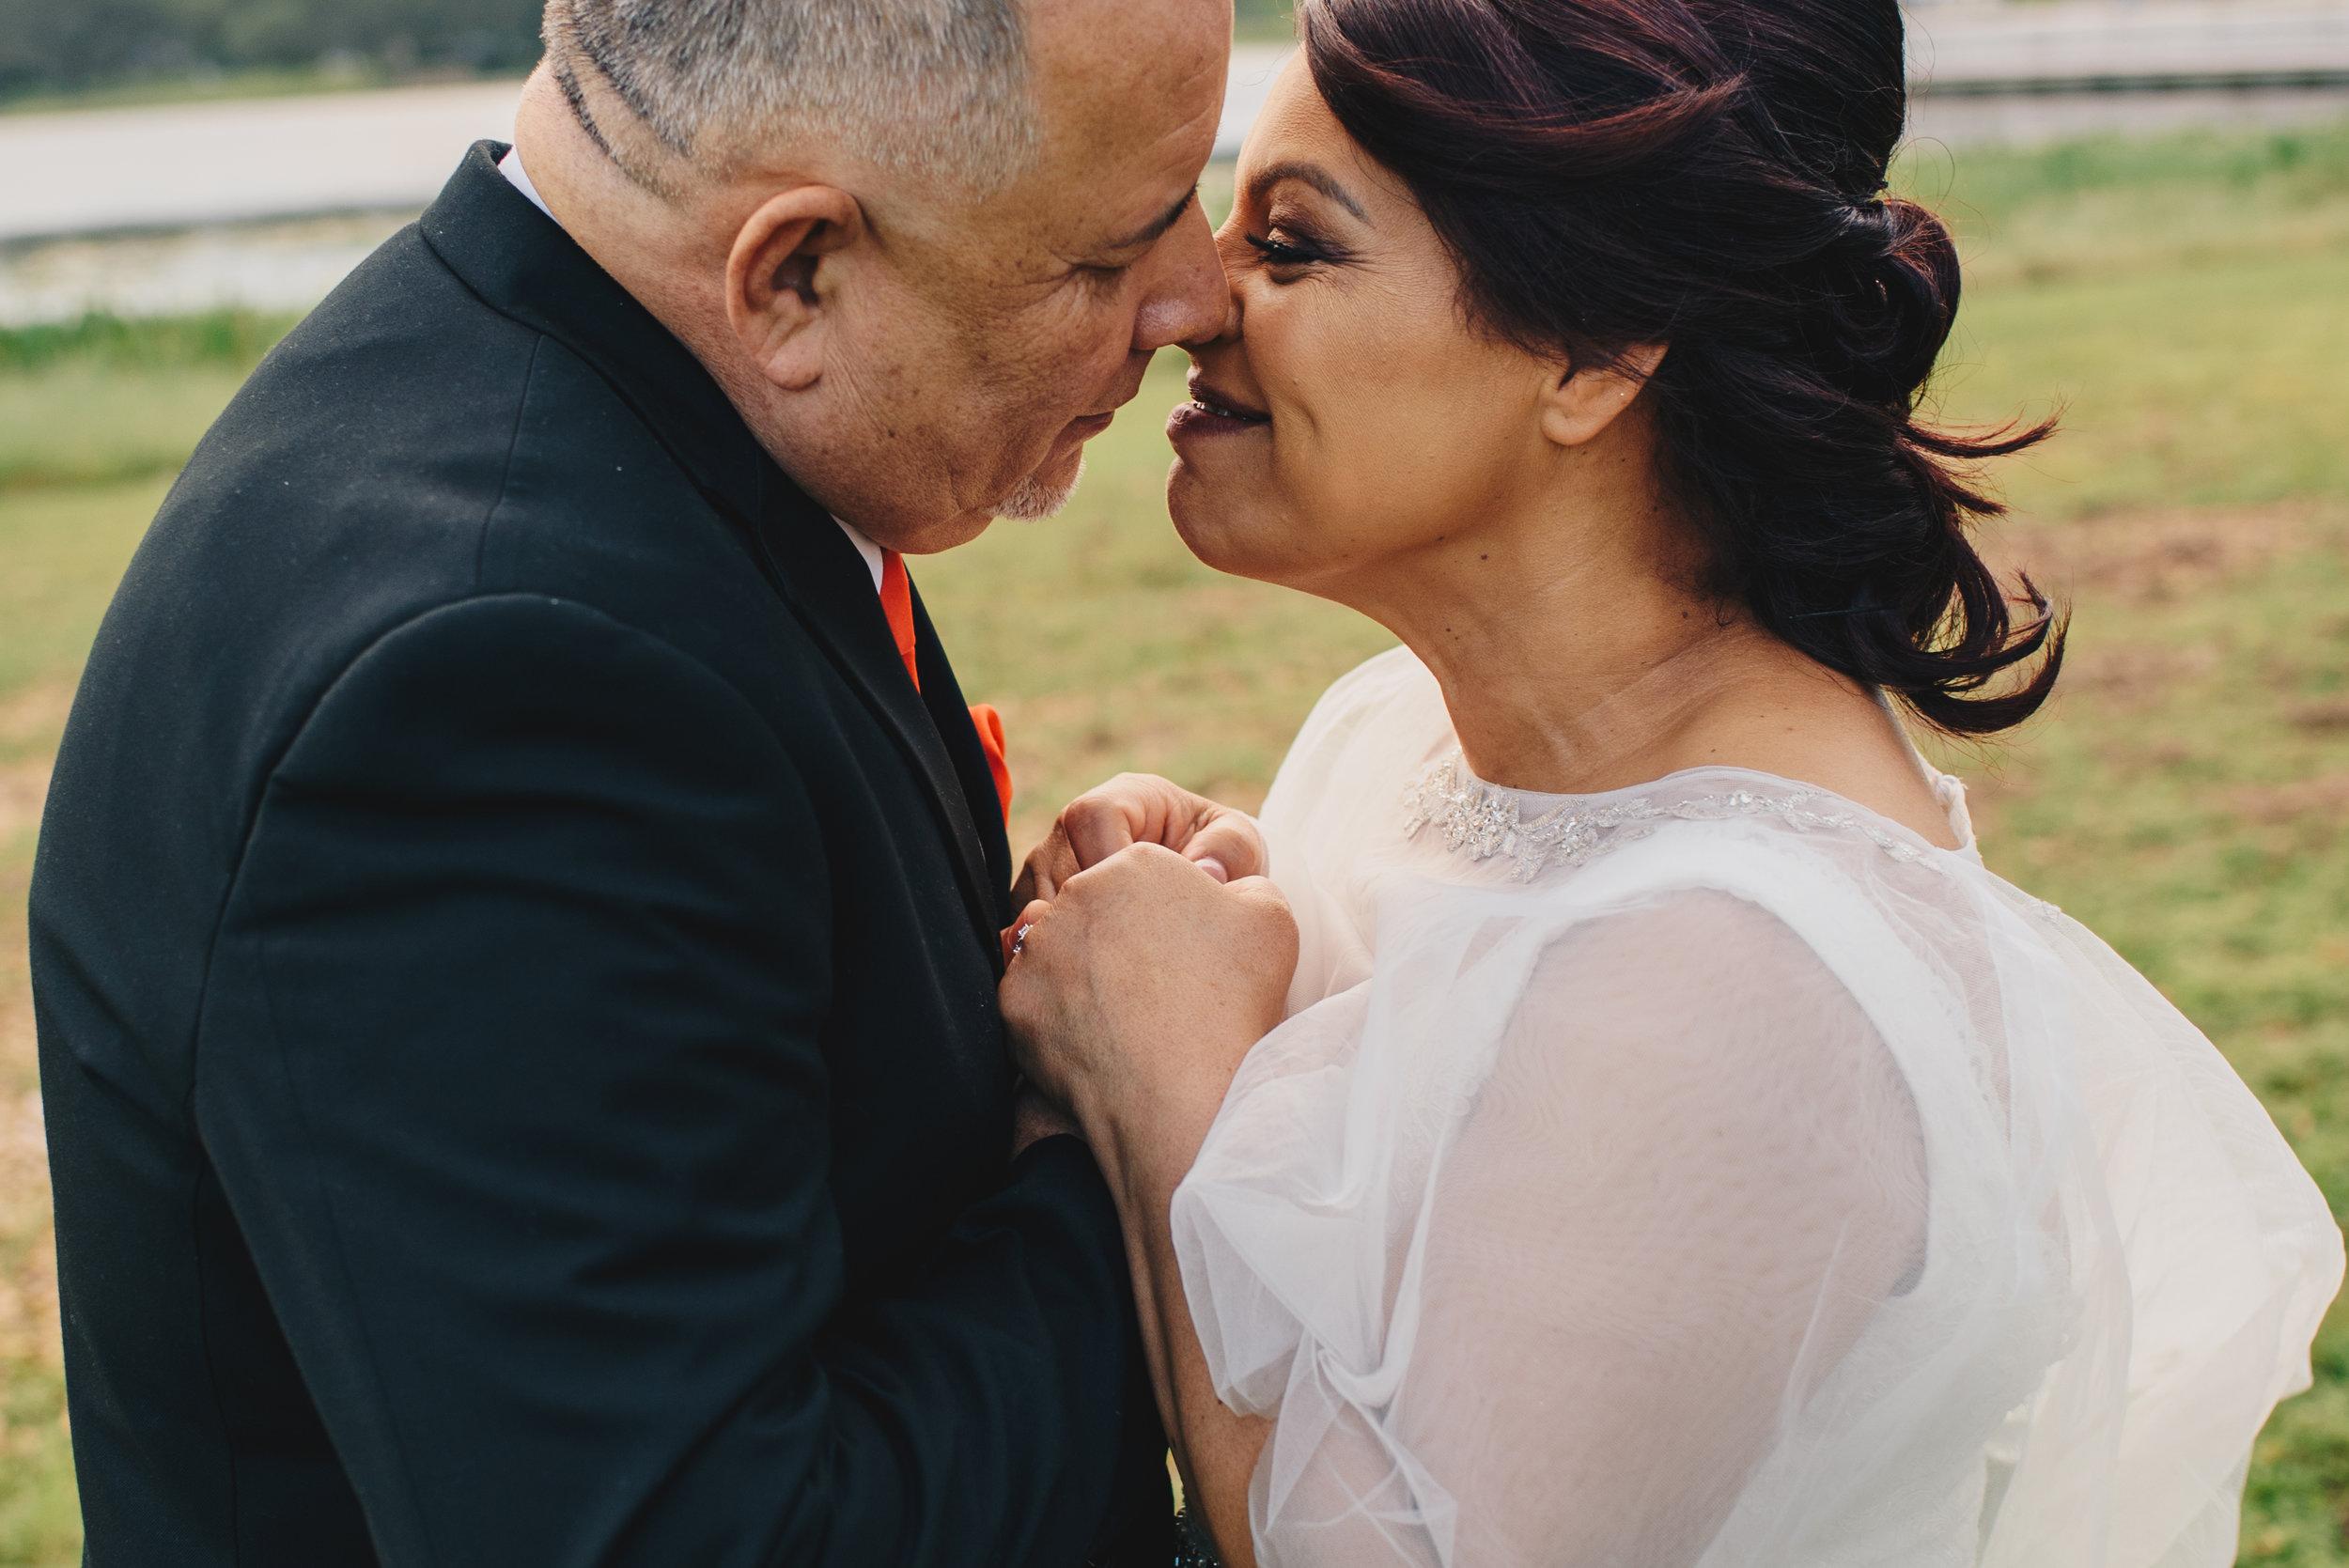 Los-Vargas-Photo-Wedding-Vow-Renewal-Central-Florida-151.jpg